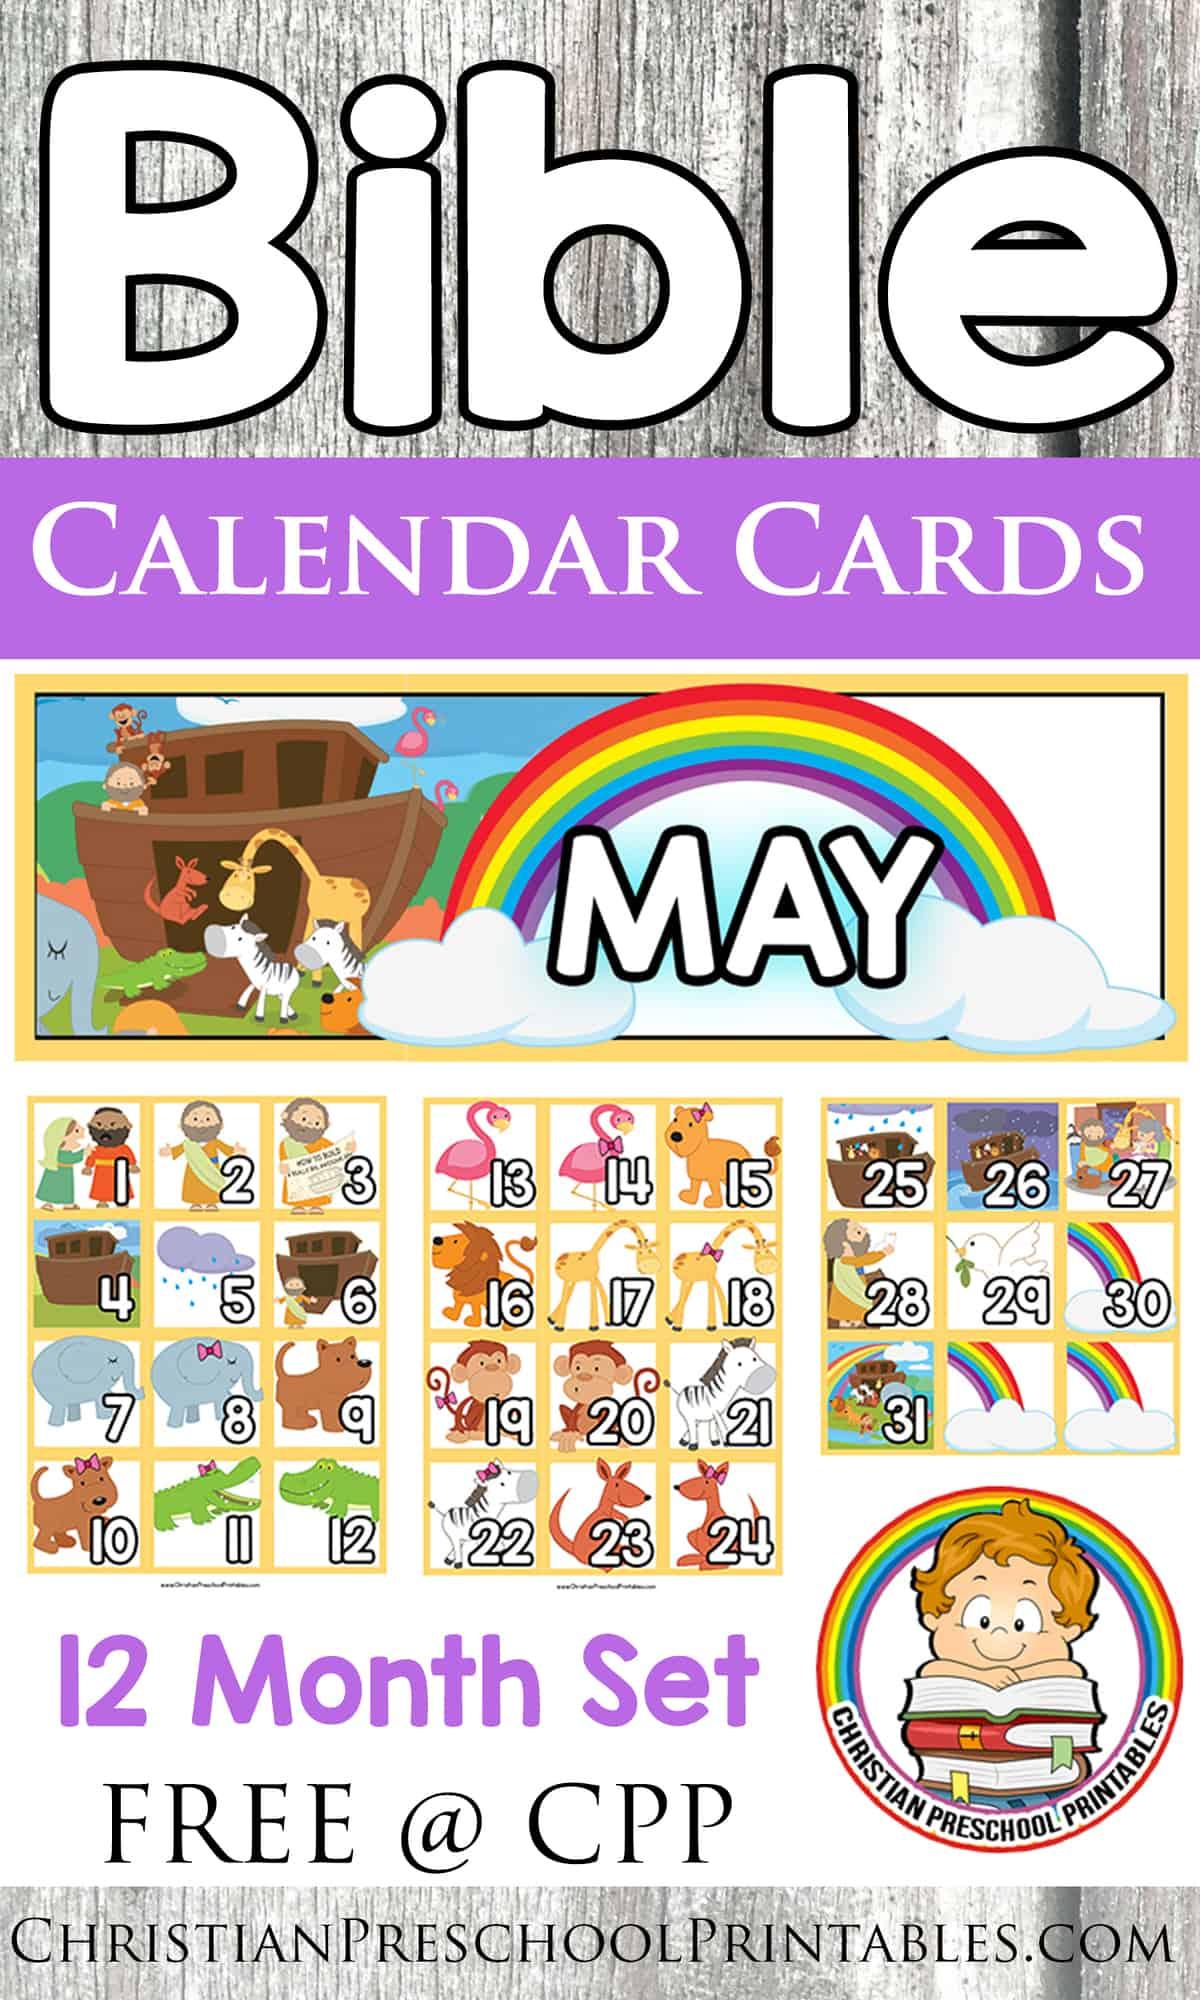 Calendar Preschool Printables : Bible calendar printables